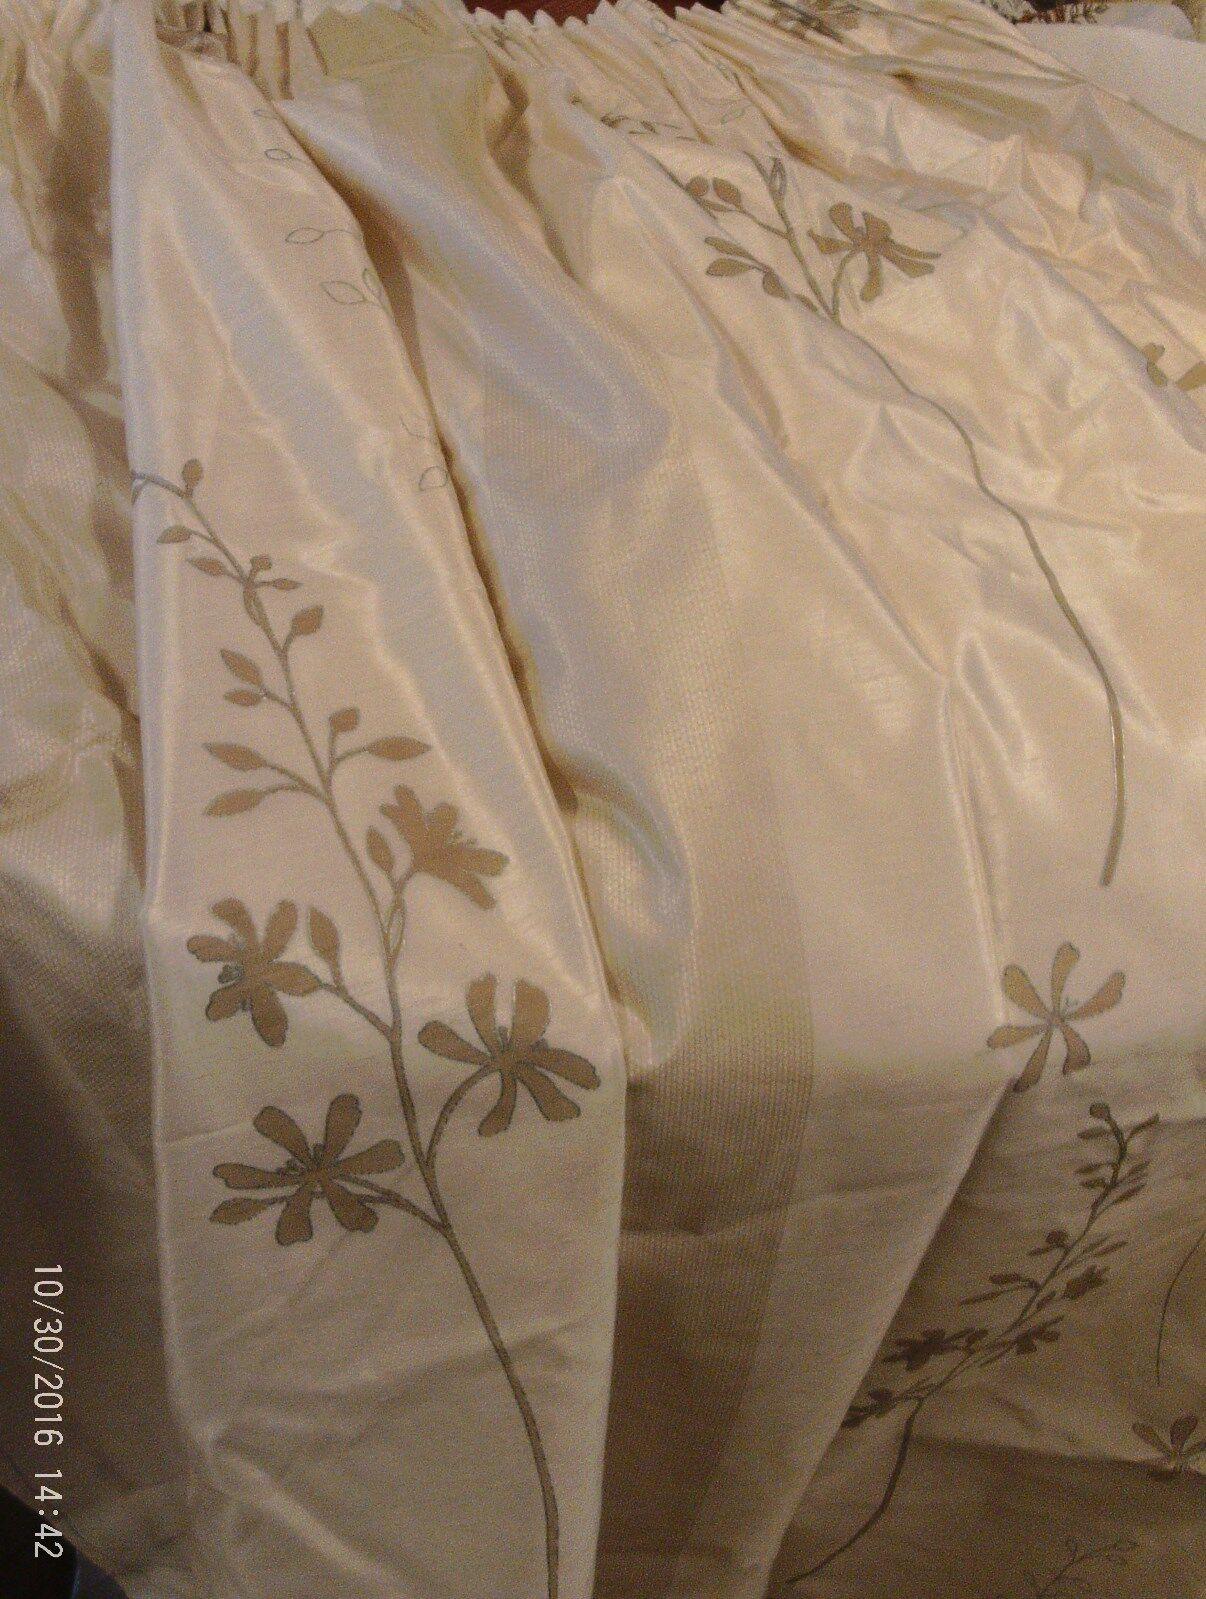 Dos pares de colección satén Look Largo Crema y oro Cortinas +4TIE tasell Forrado. nuevo